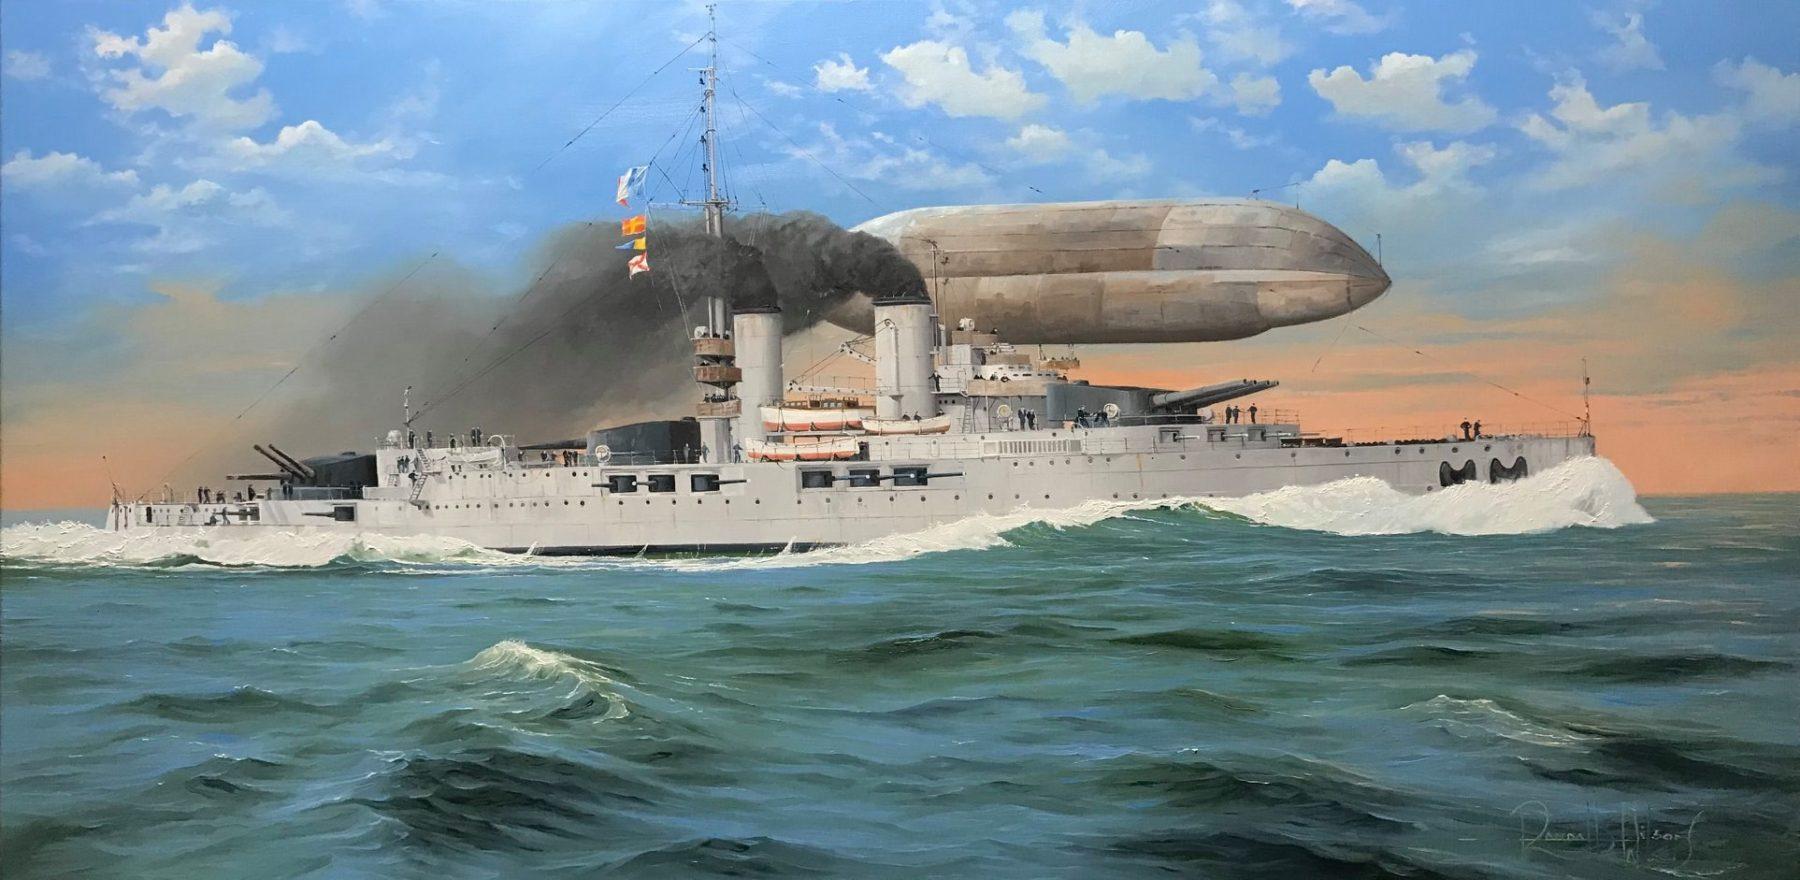 Splendid painting of the Normandie by Randall Wilson